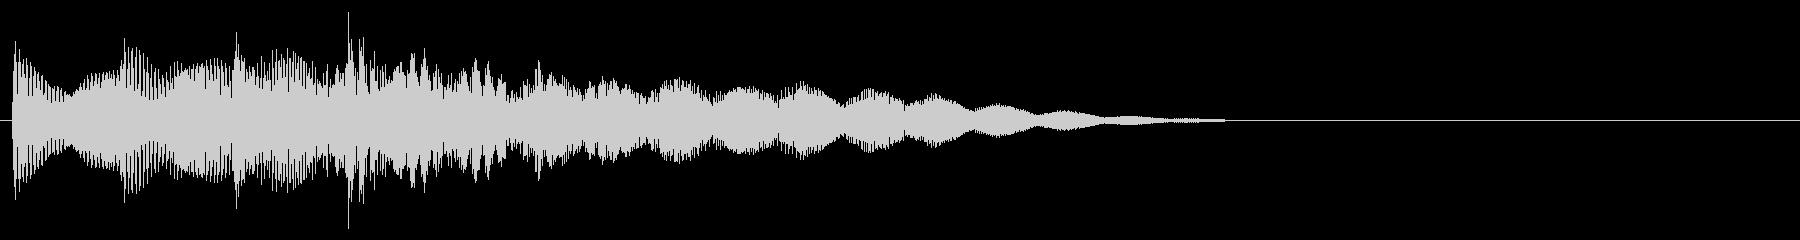 マレット系 ATМ風のフレーズ1(特)の未再生の波形